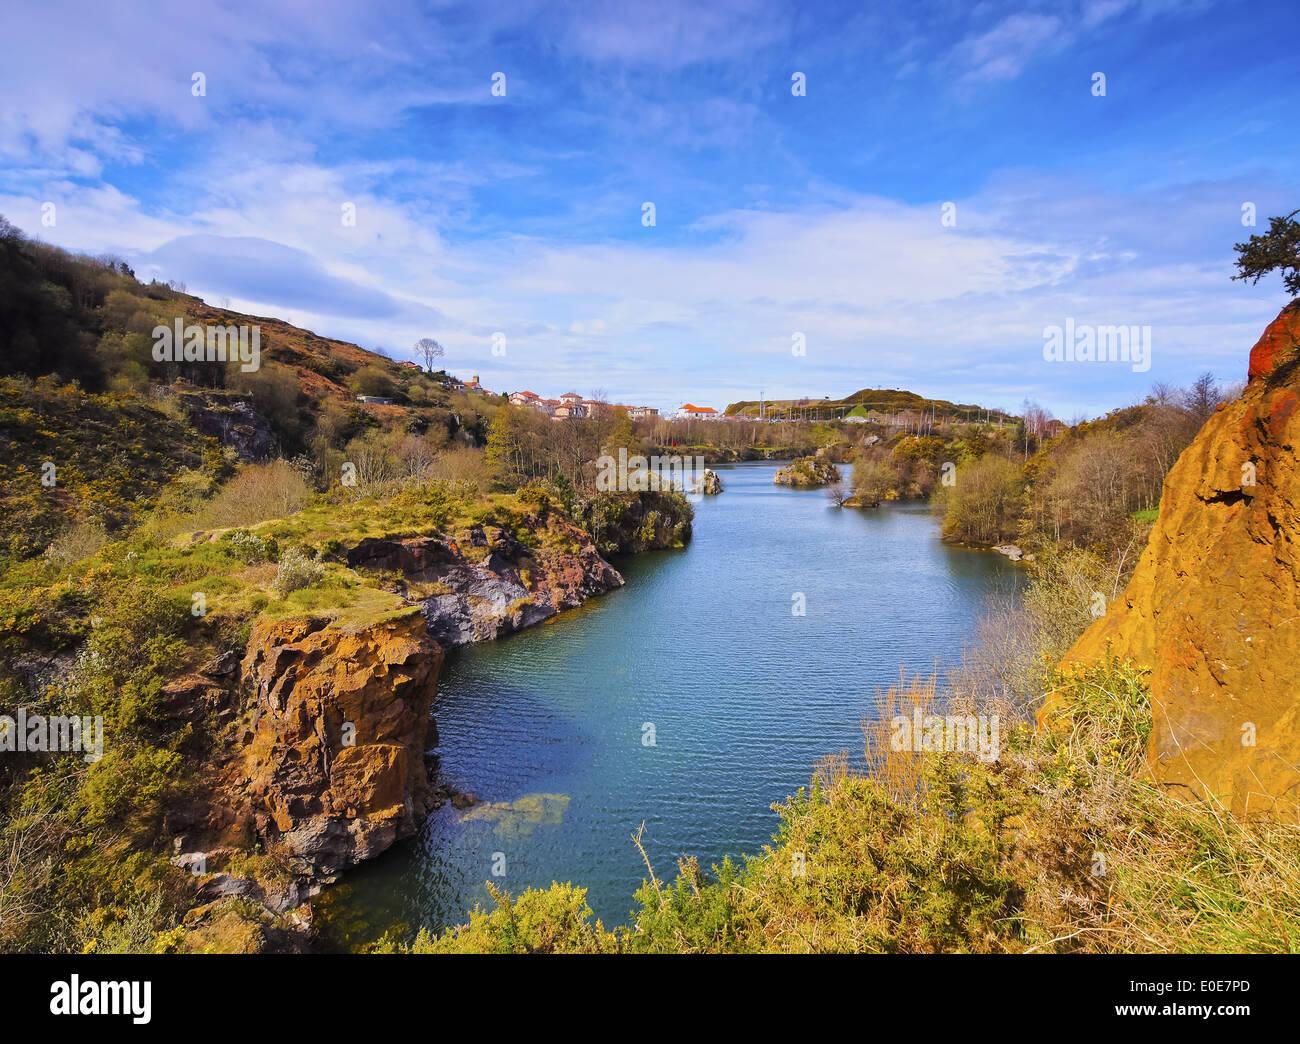 La Arboleda/Zugaztieta Park - recreational area in Valle de Trapaga near Bilbao, Biscay, Basque Country, Spain Stock Photo